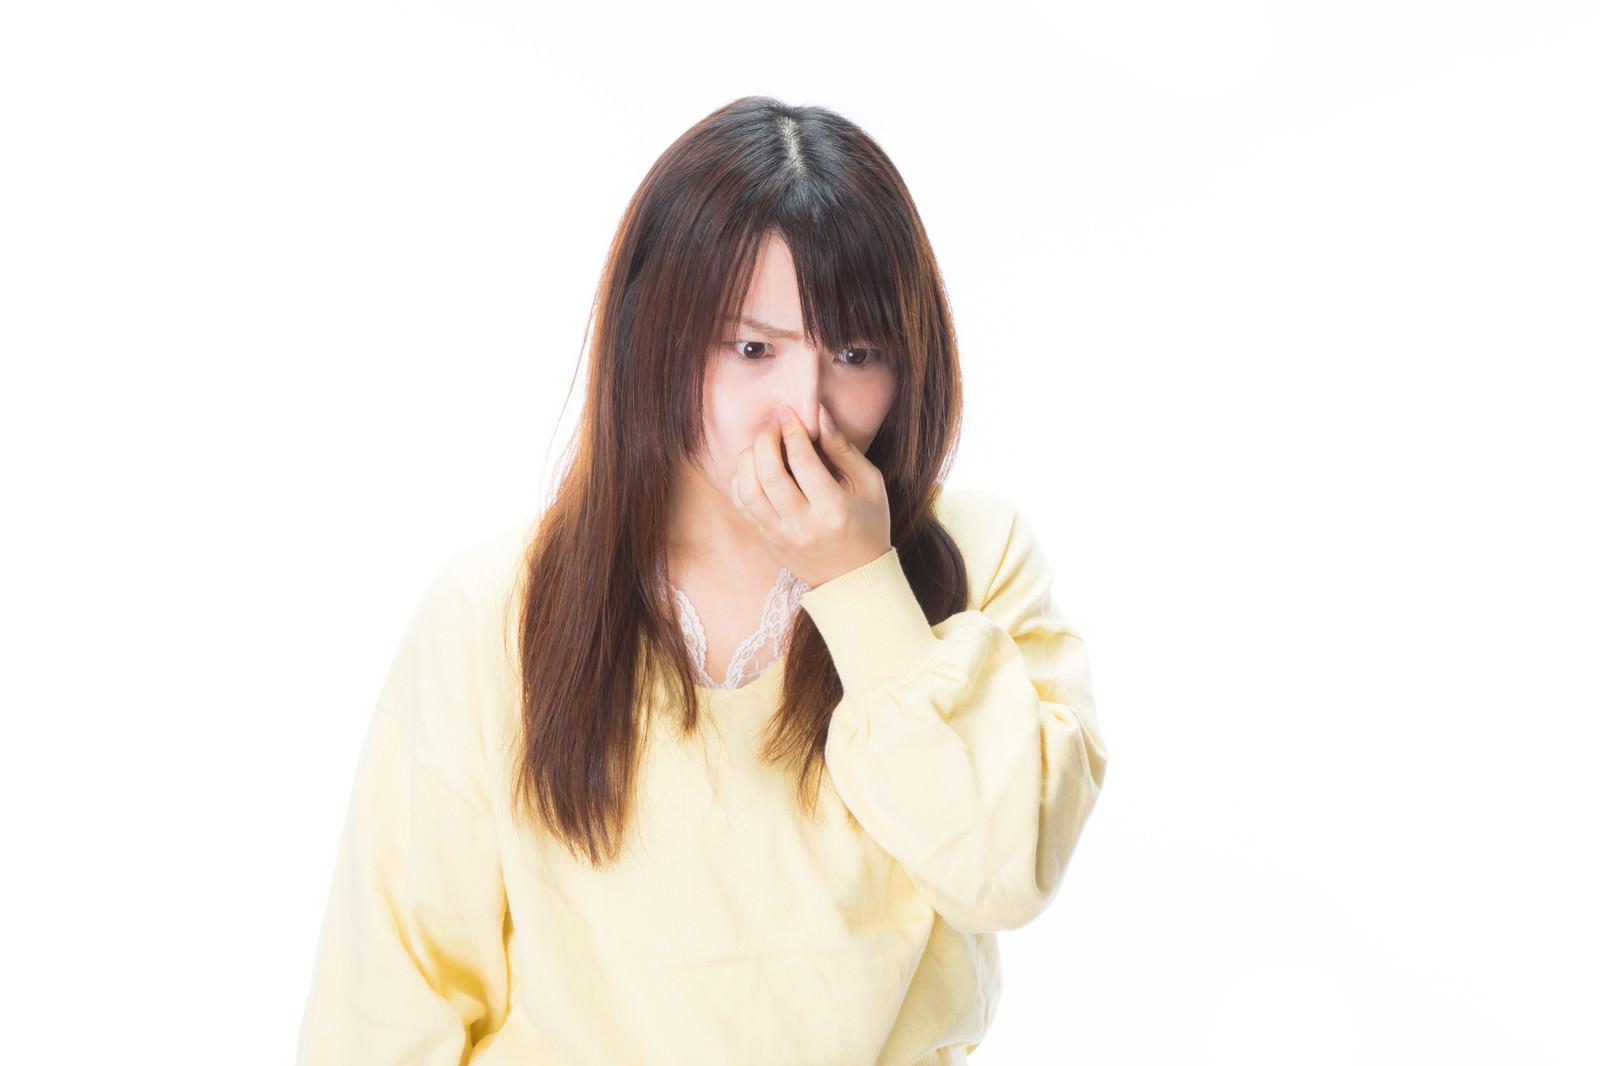 「臭いの根源を凝視する女性」の写真[モデル:Lala]